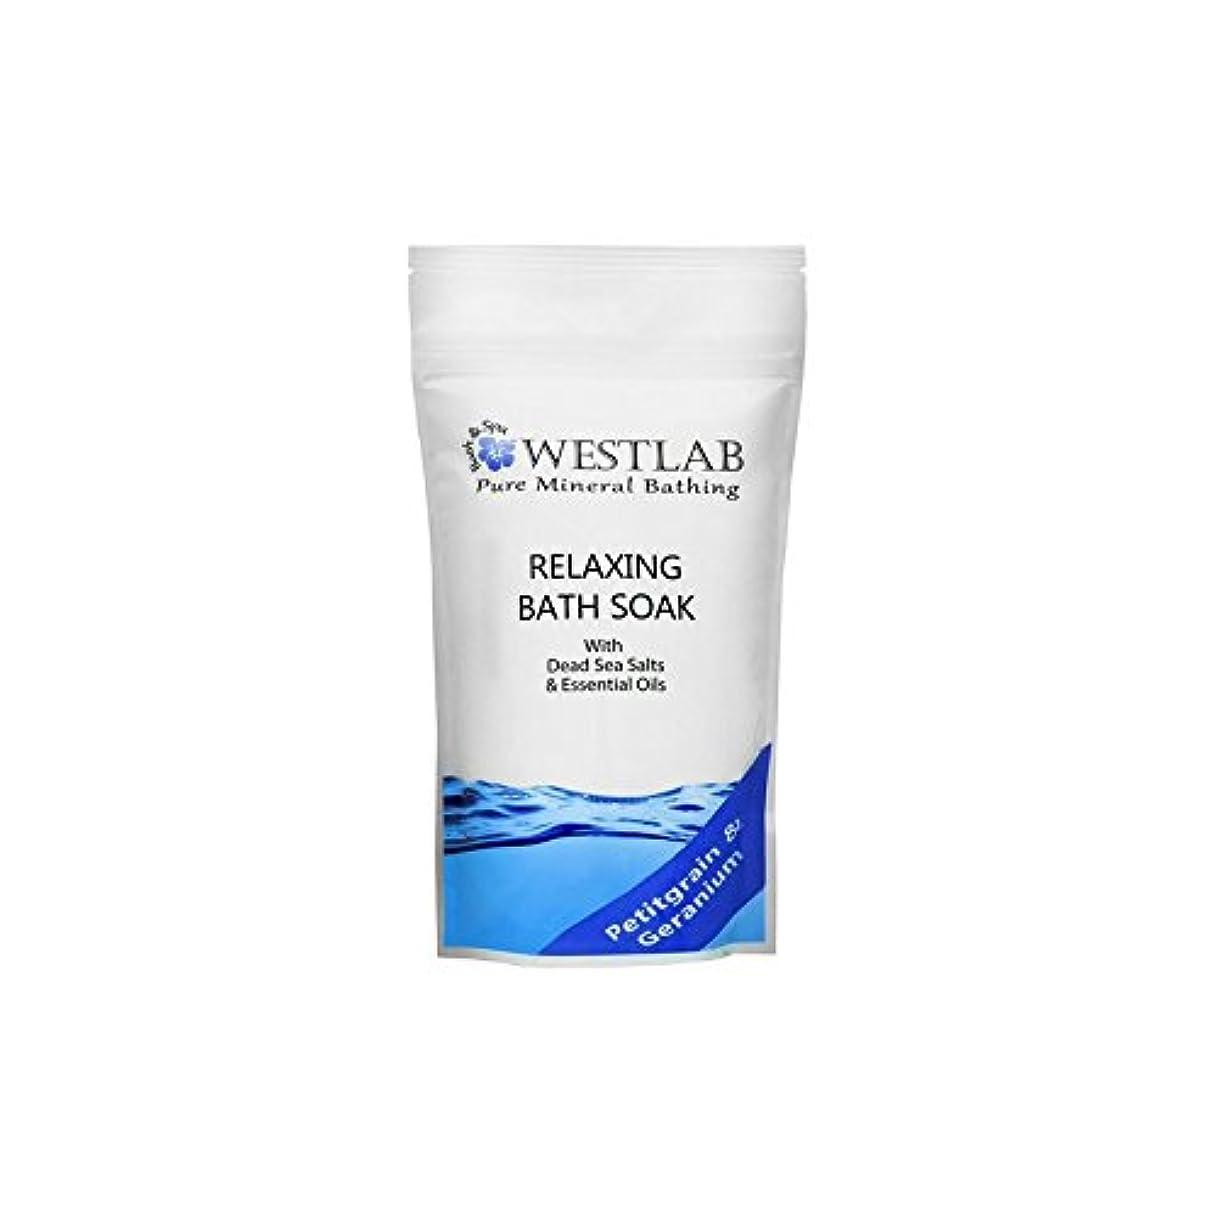 嫌がる構成員廃棄死海の塩浴浸漬(500グラム)をリラックス x4 - Westlab Relax Dead Sea Salt Bath Soak (500g) (Pack of 4) [並行輸入品]